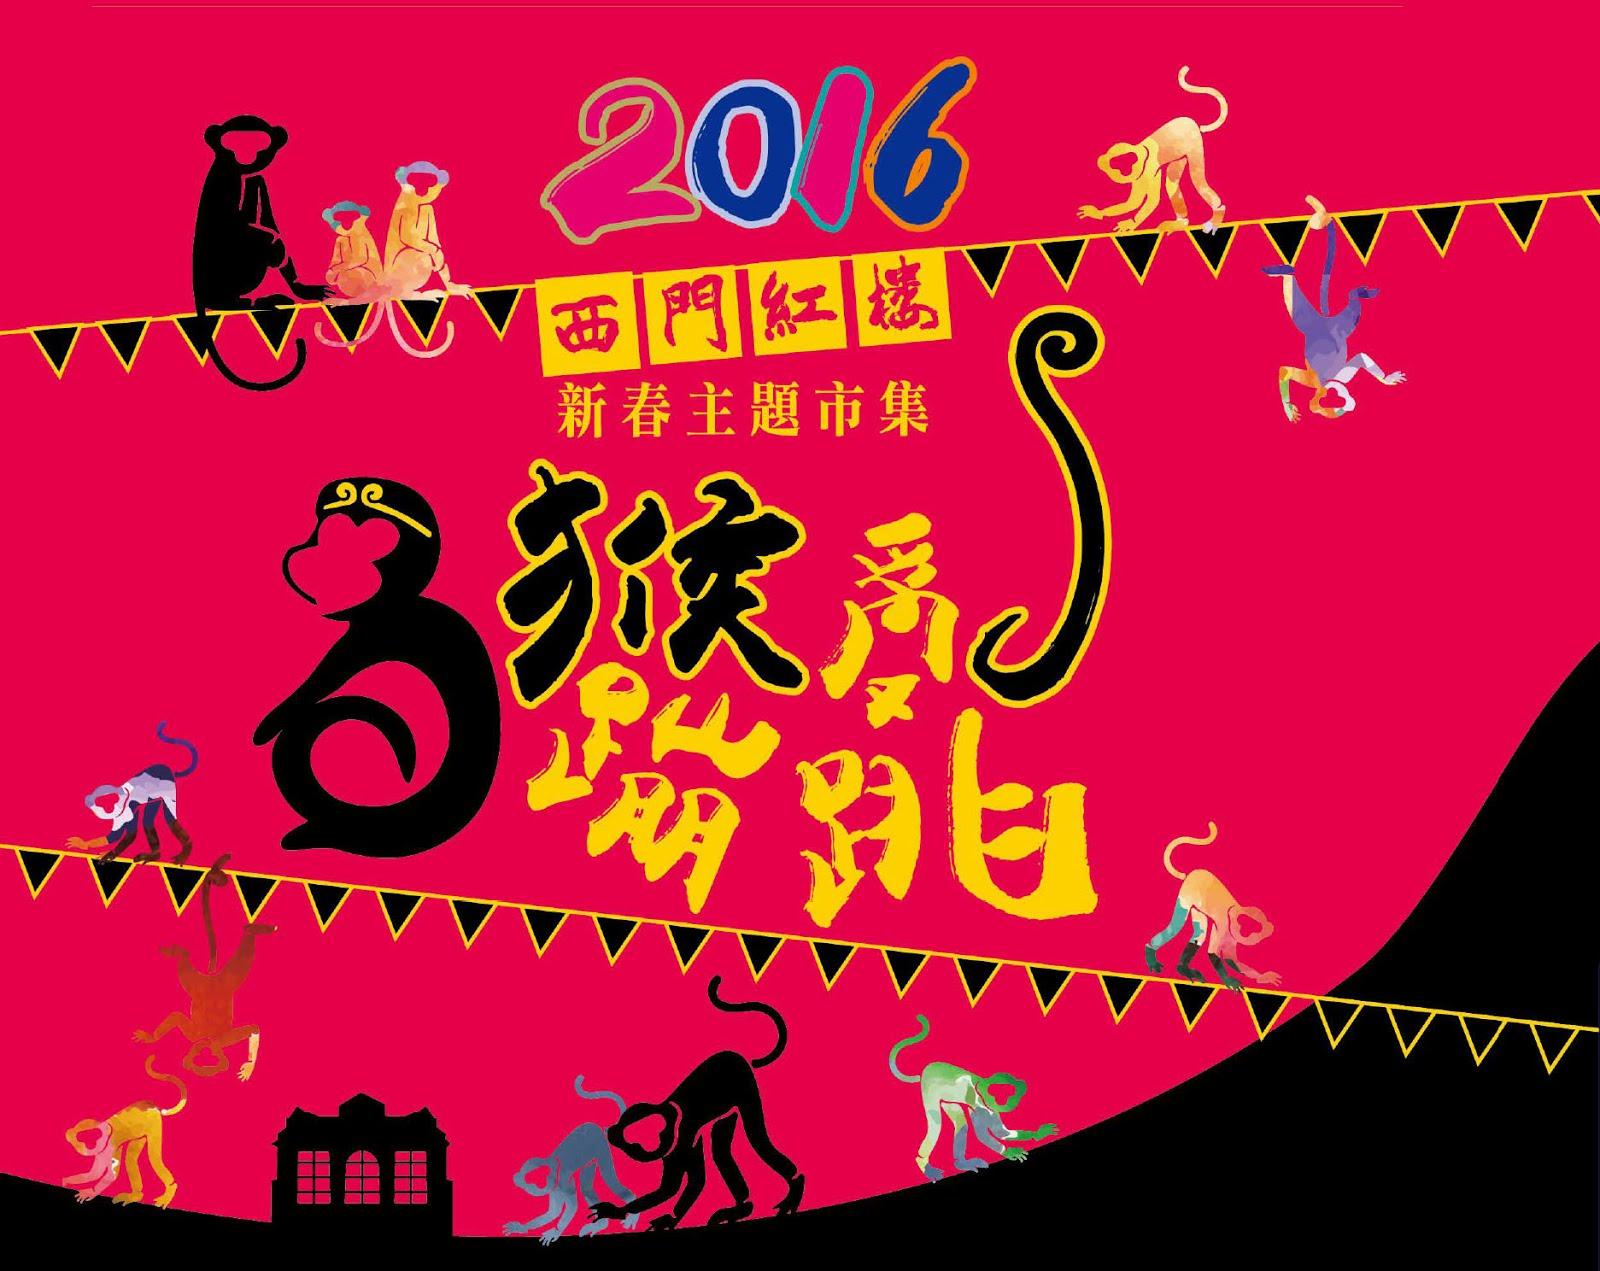 2016年2月12-14新春市集 今日起接受報名至1月26日止